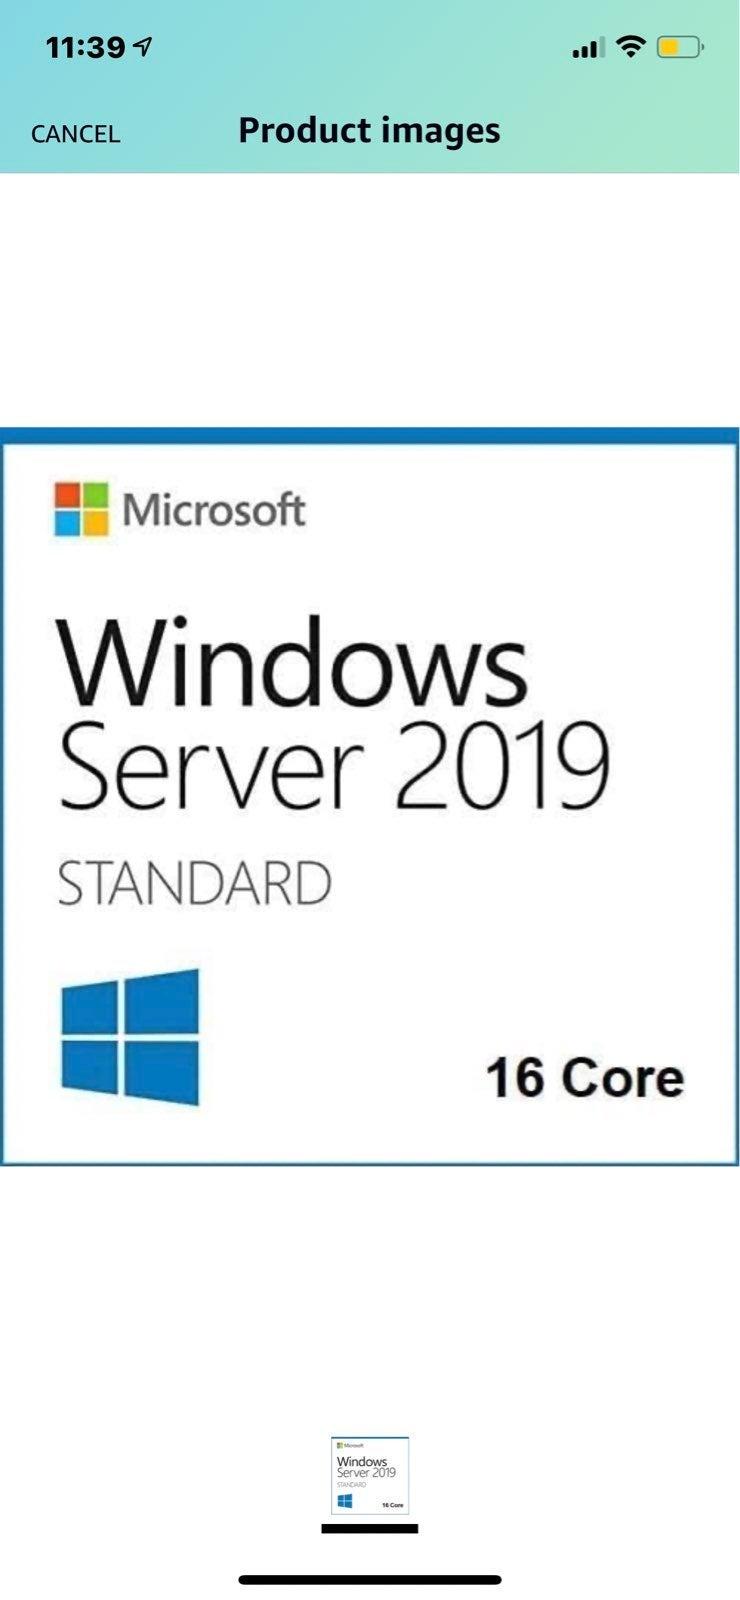 Server 2019 Stndard 16 CoreVersion 1809